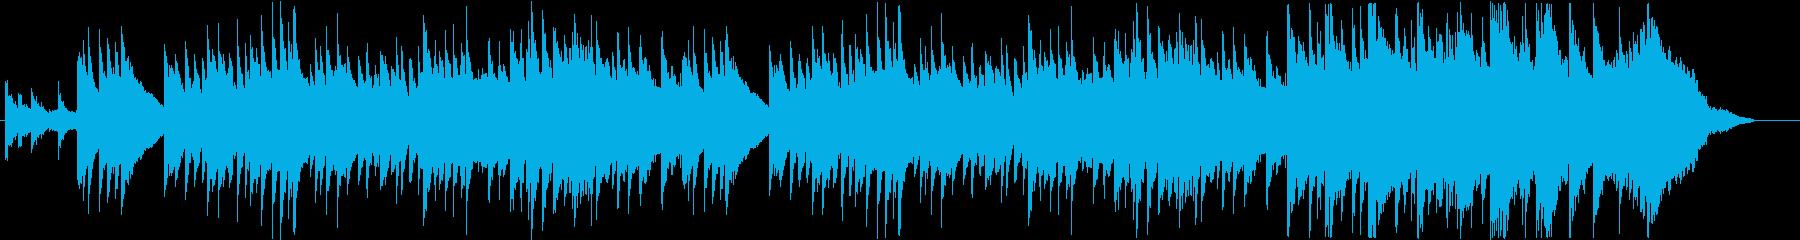 ドラマチック、ニューエイジ、ピアノ...の再生済みの波形